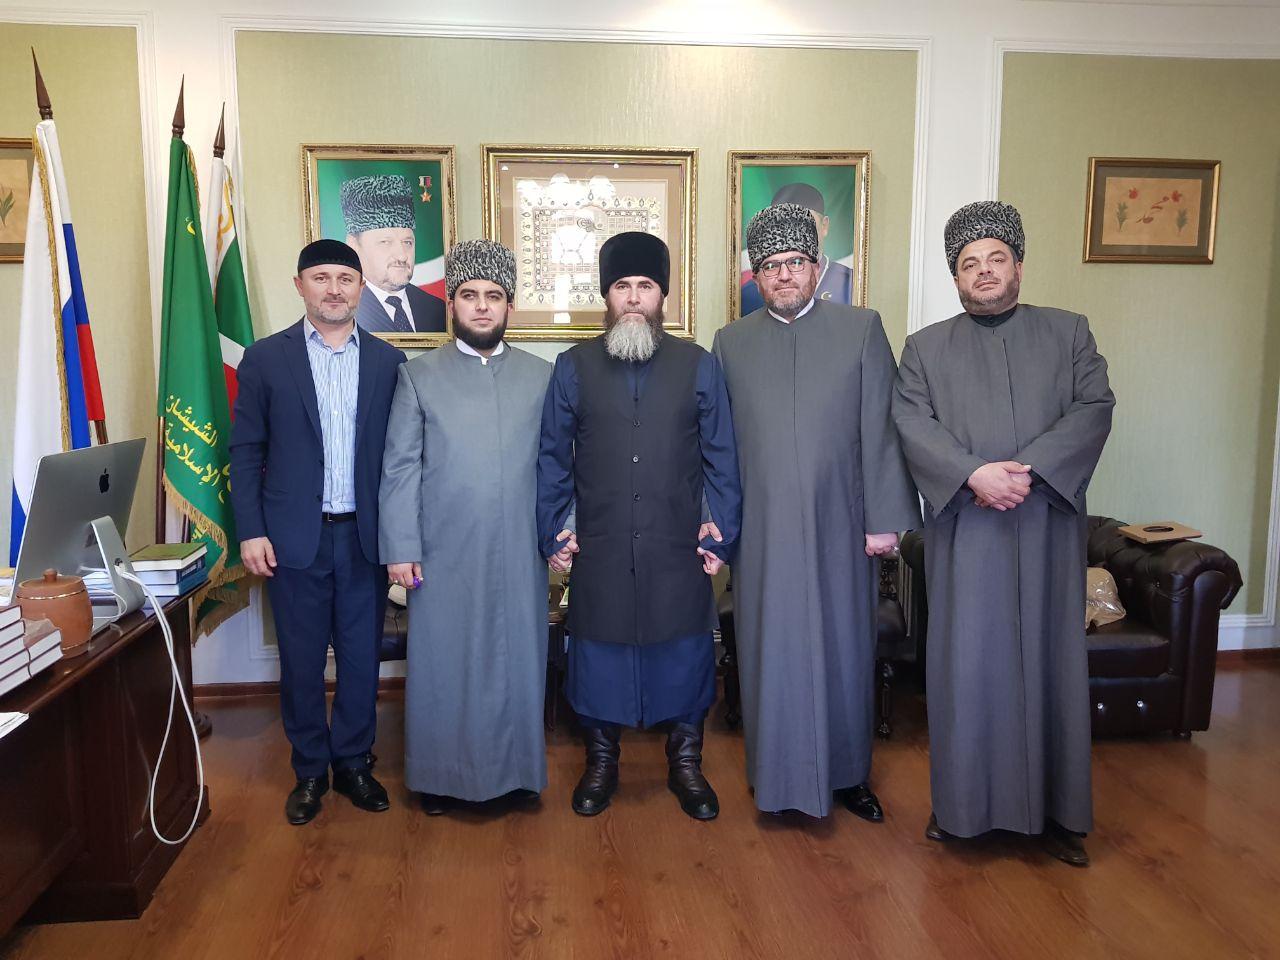 На встрече с муфтием Чечни. Второй справа Мухаммад Рами аль-Абид